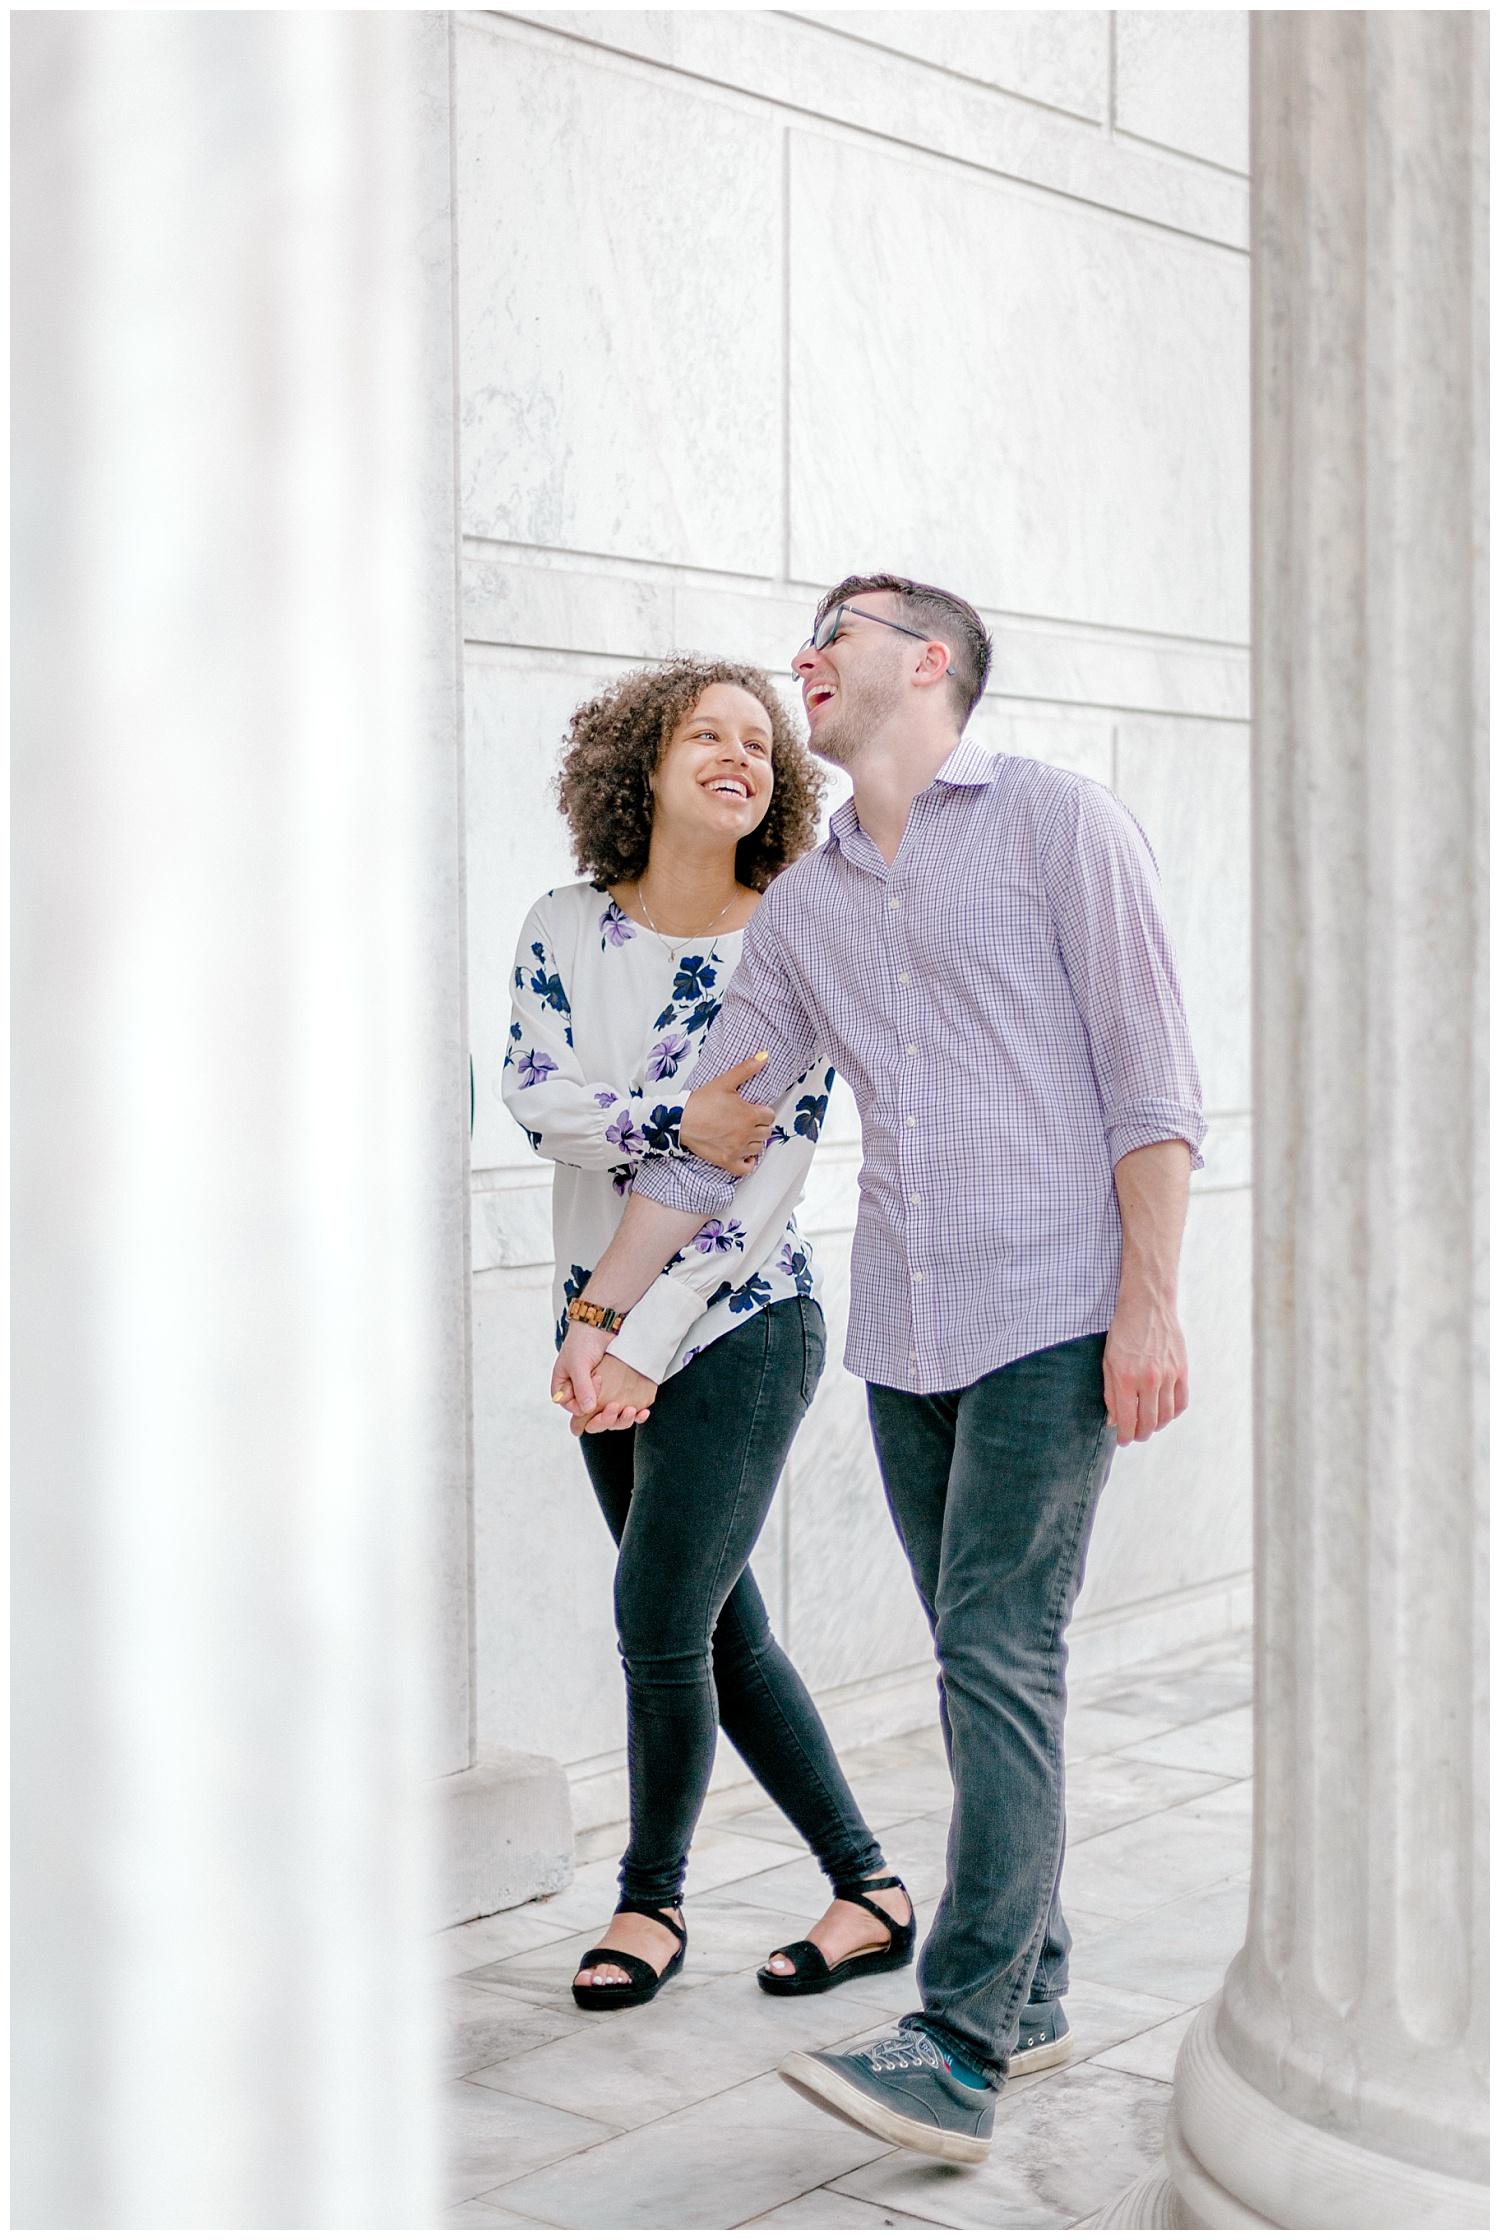 Princeton University Campus engagement session Pennsylvania based wedding and lifestyle photographer lytle photographer_0018.jpg